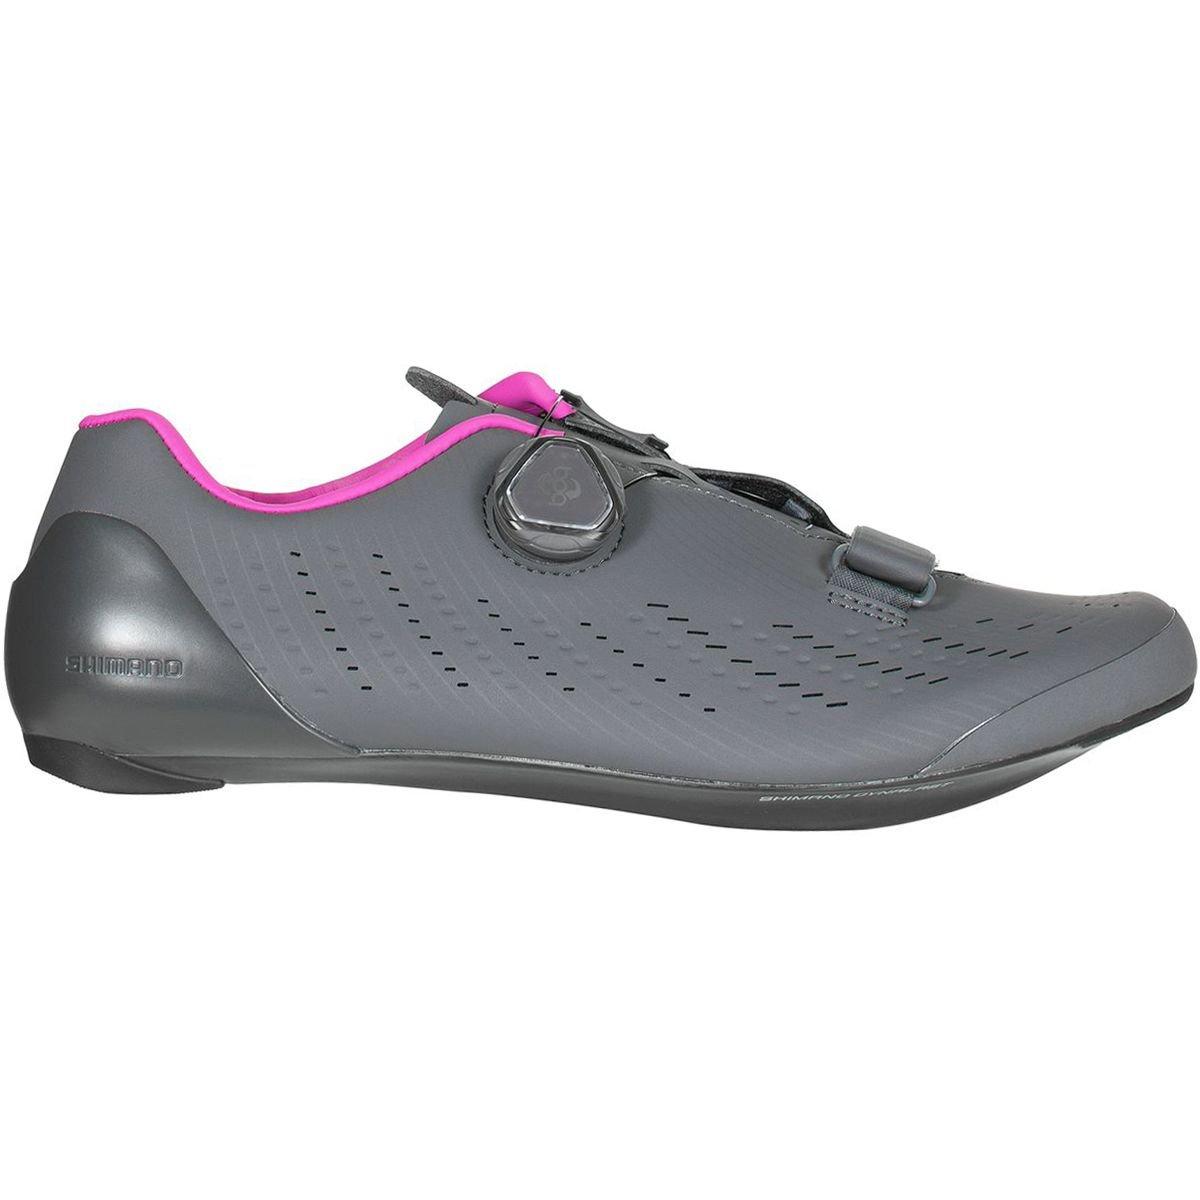 Shimano SH-RP7 Cycling Shoe - Women's Gray, 37.0